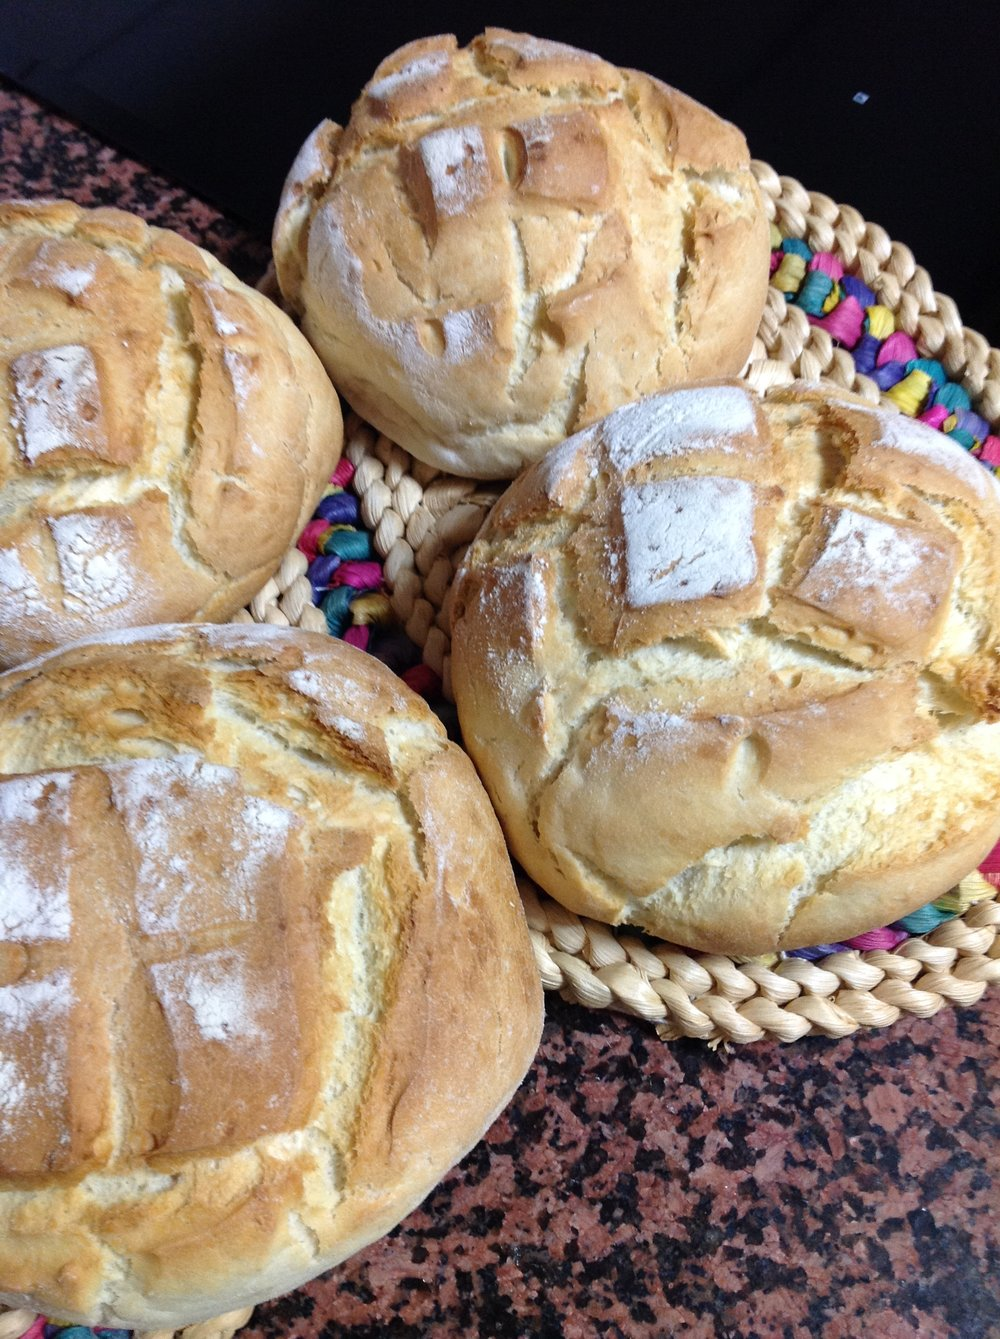 cocina febrero Cupcakes 263.jpg